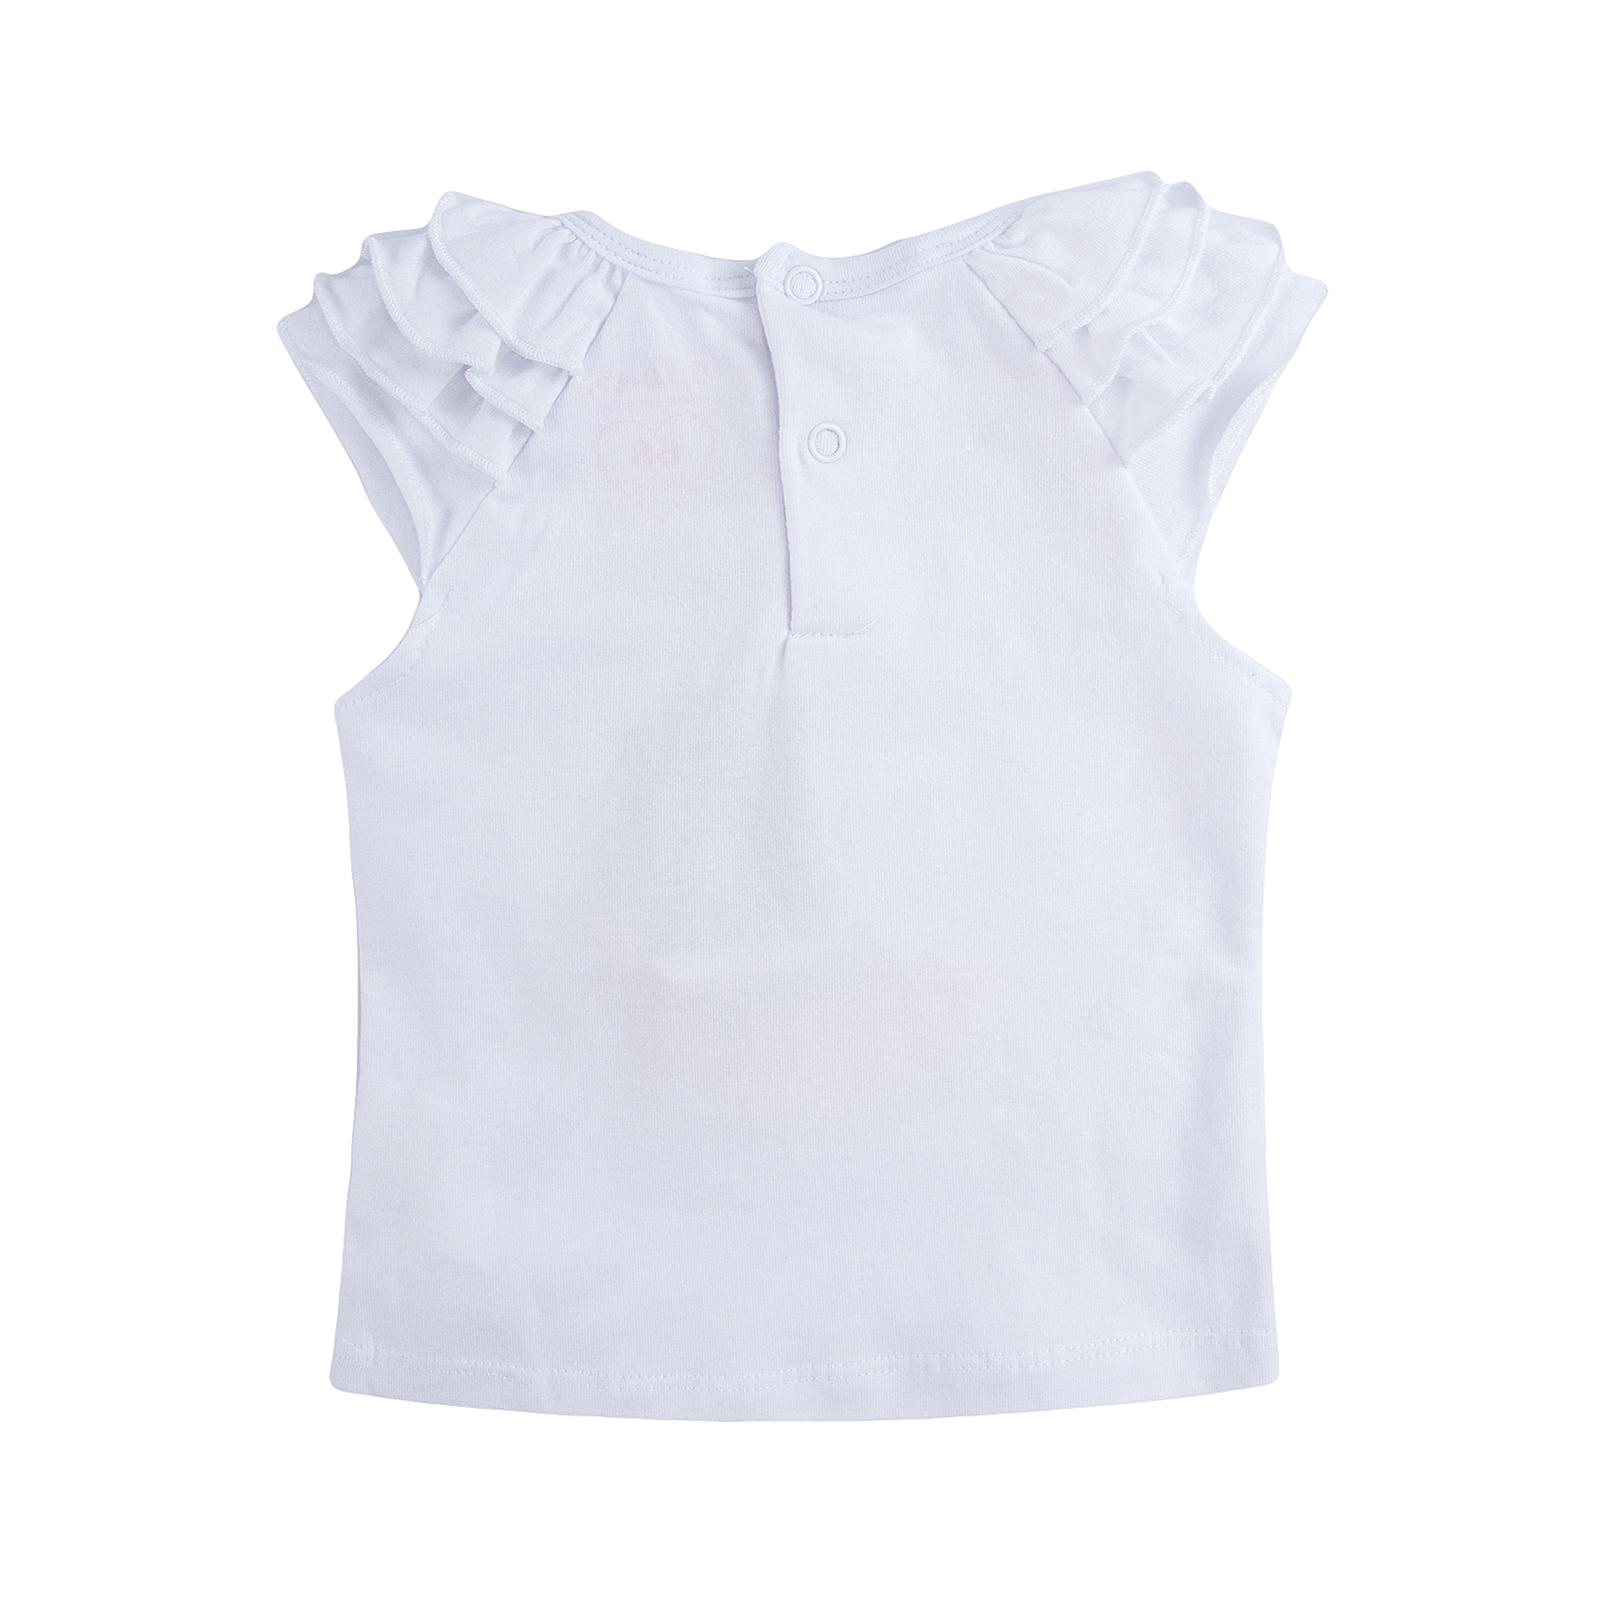 Футболка с коротким рукавом для девочек 5.10.15. цвет белый, с принтом, на шее заклепка 18 мес.